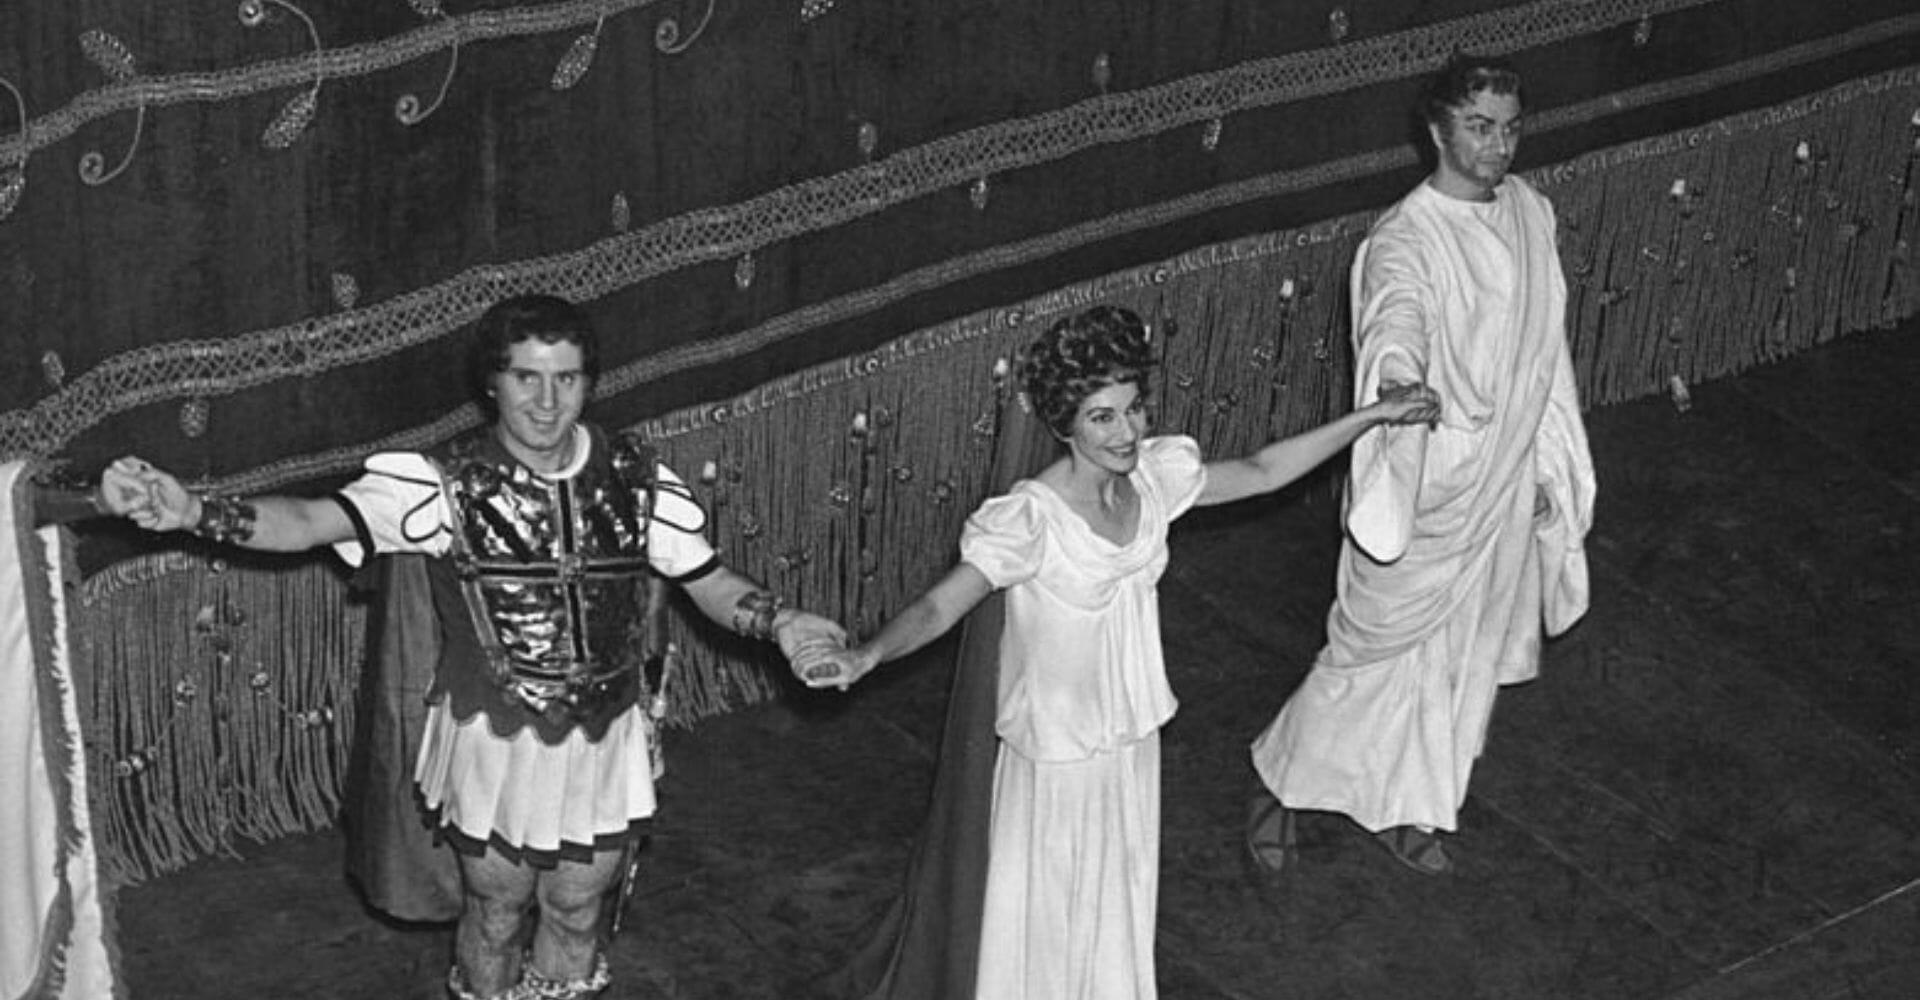 """Dai ravanelli alla Callas alle """"care salme"""": il viaggio dell'operoinomane nell'anno senza Prima"""